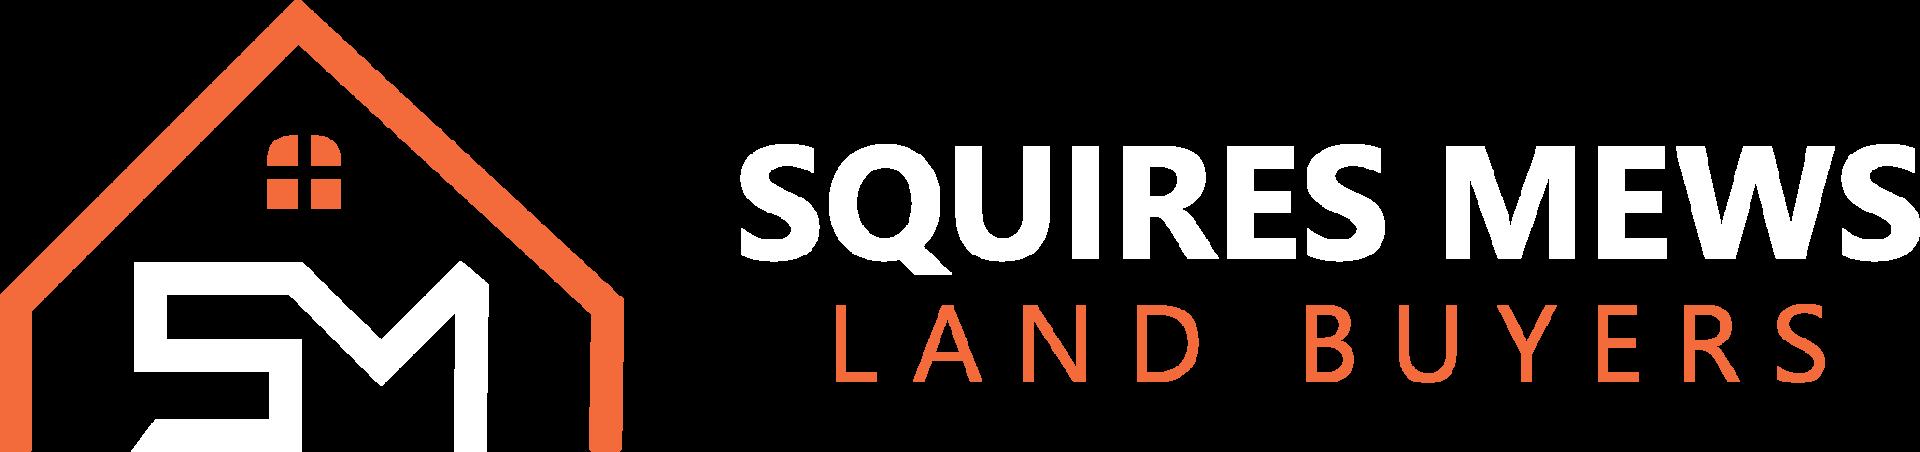 SM Land Buyers logo